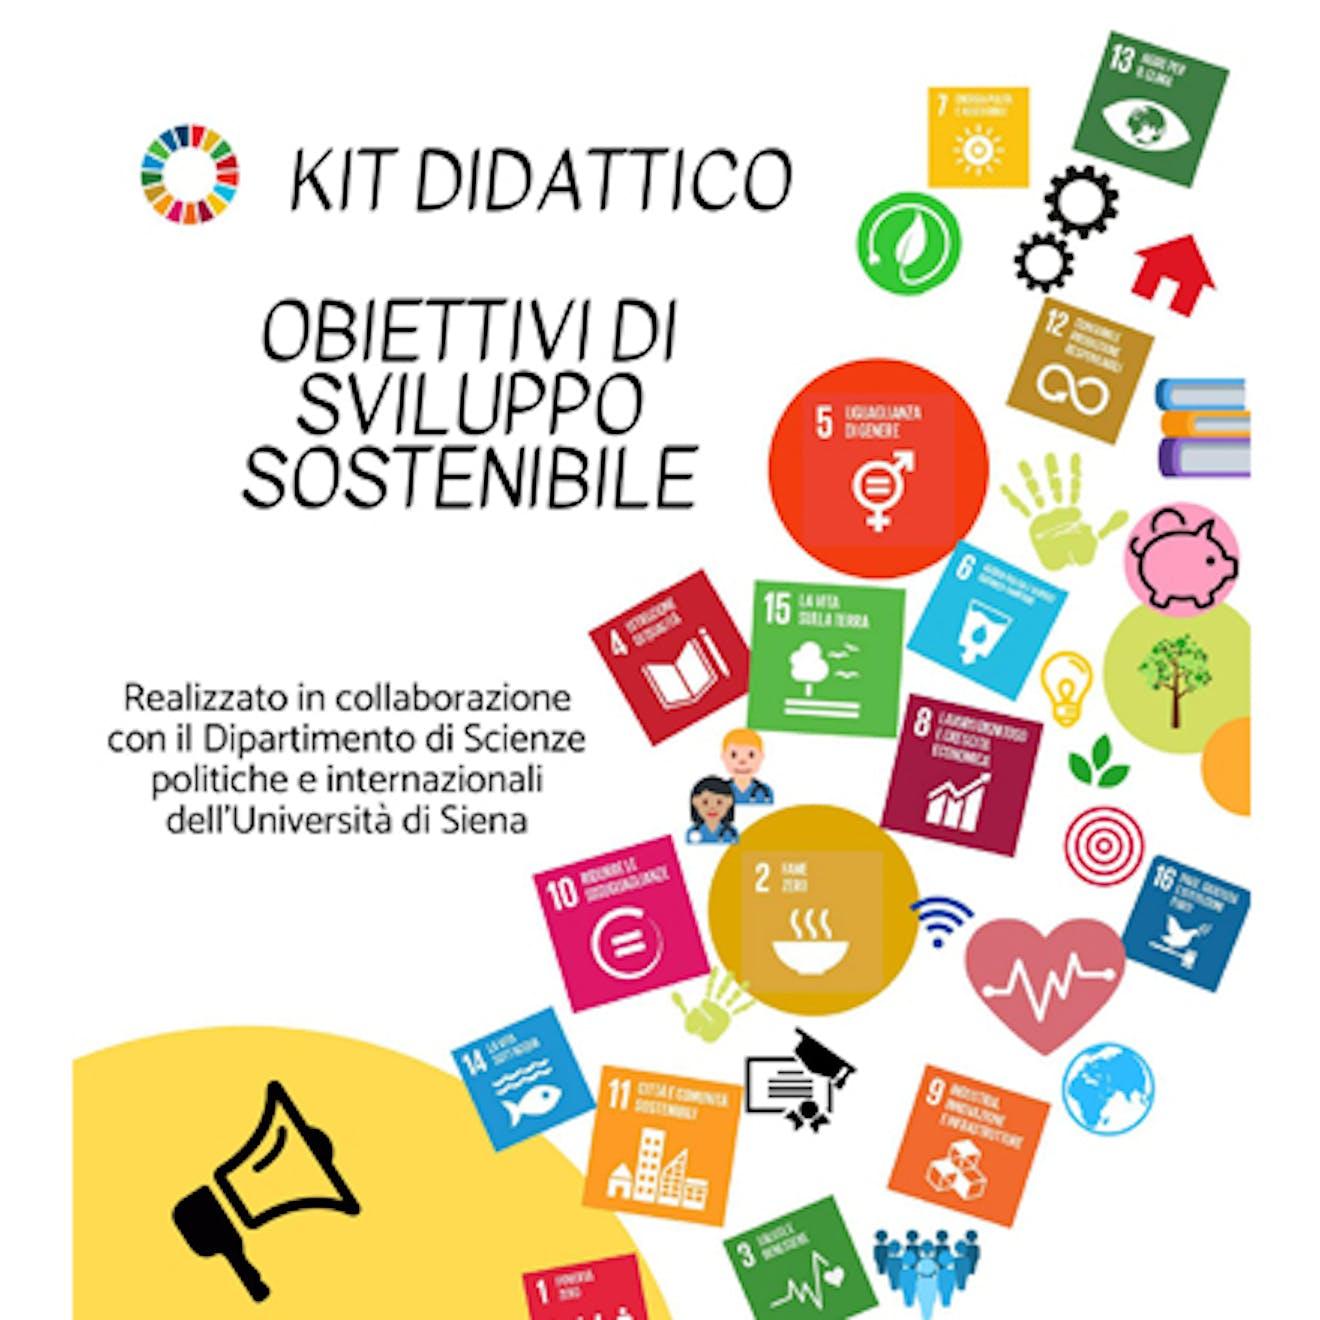 Obiettivi di Sviluppo Sostenibile copertina proposte educative